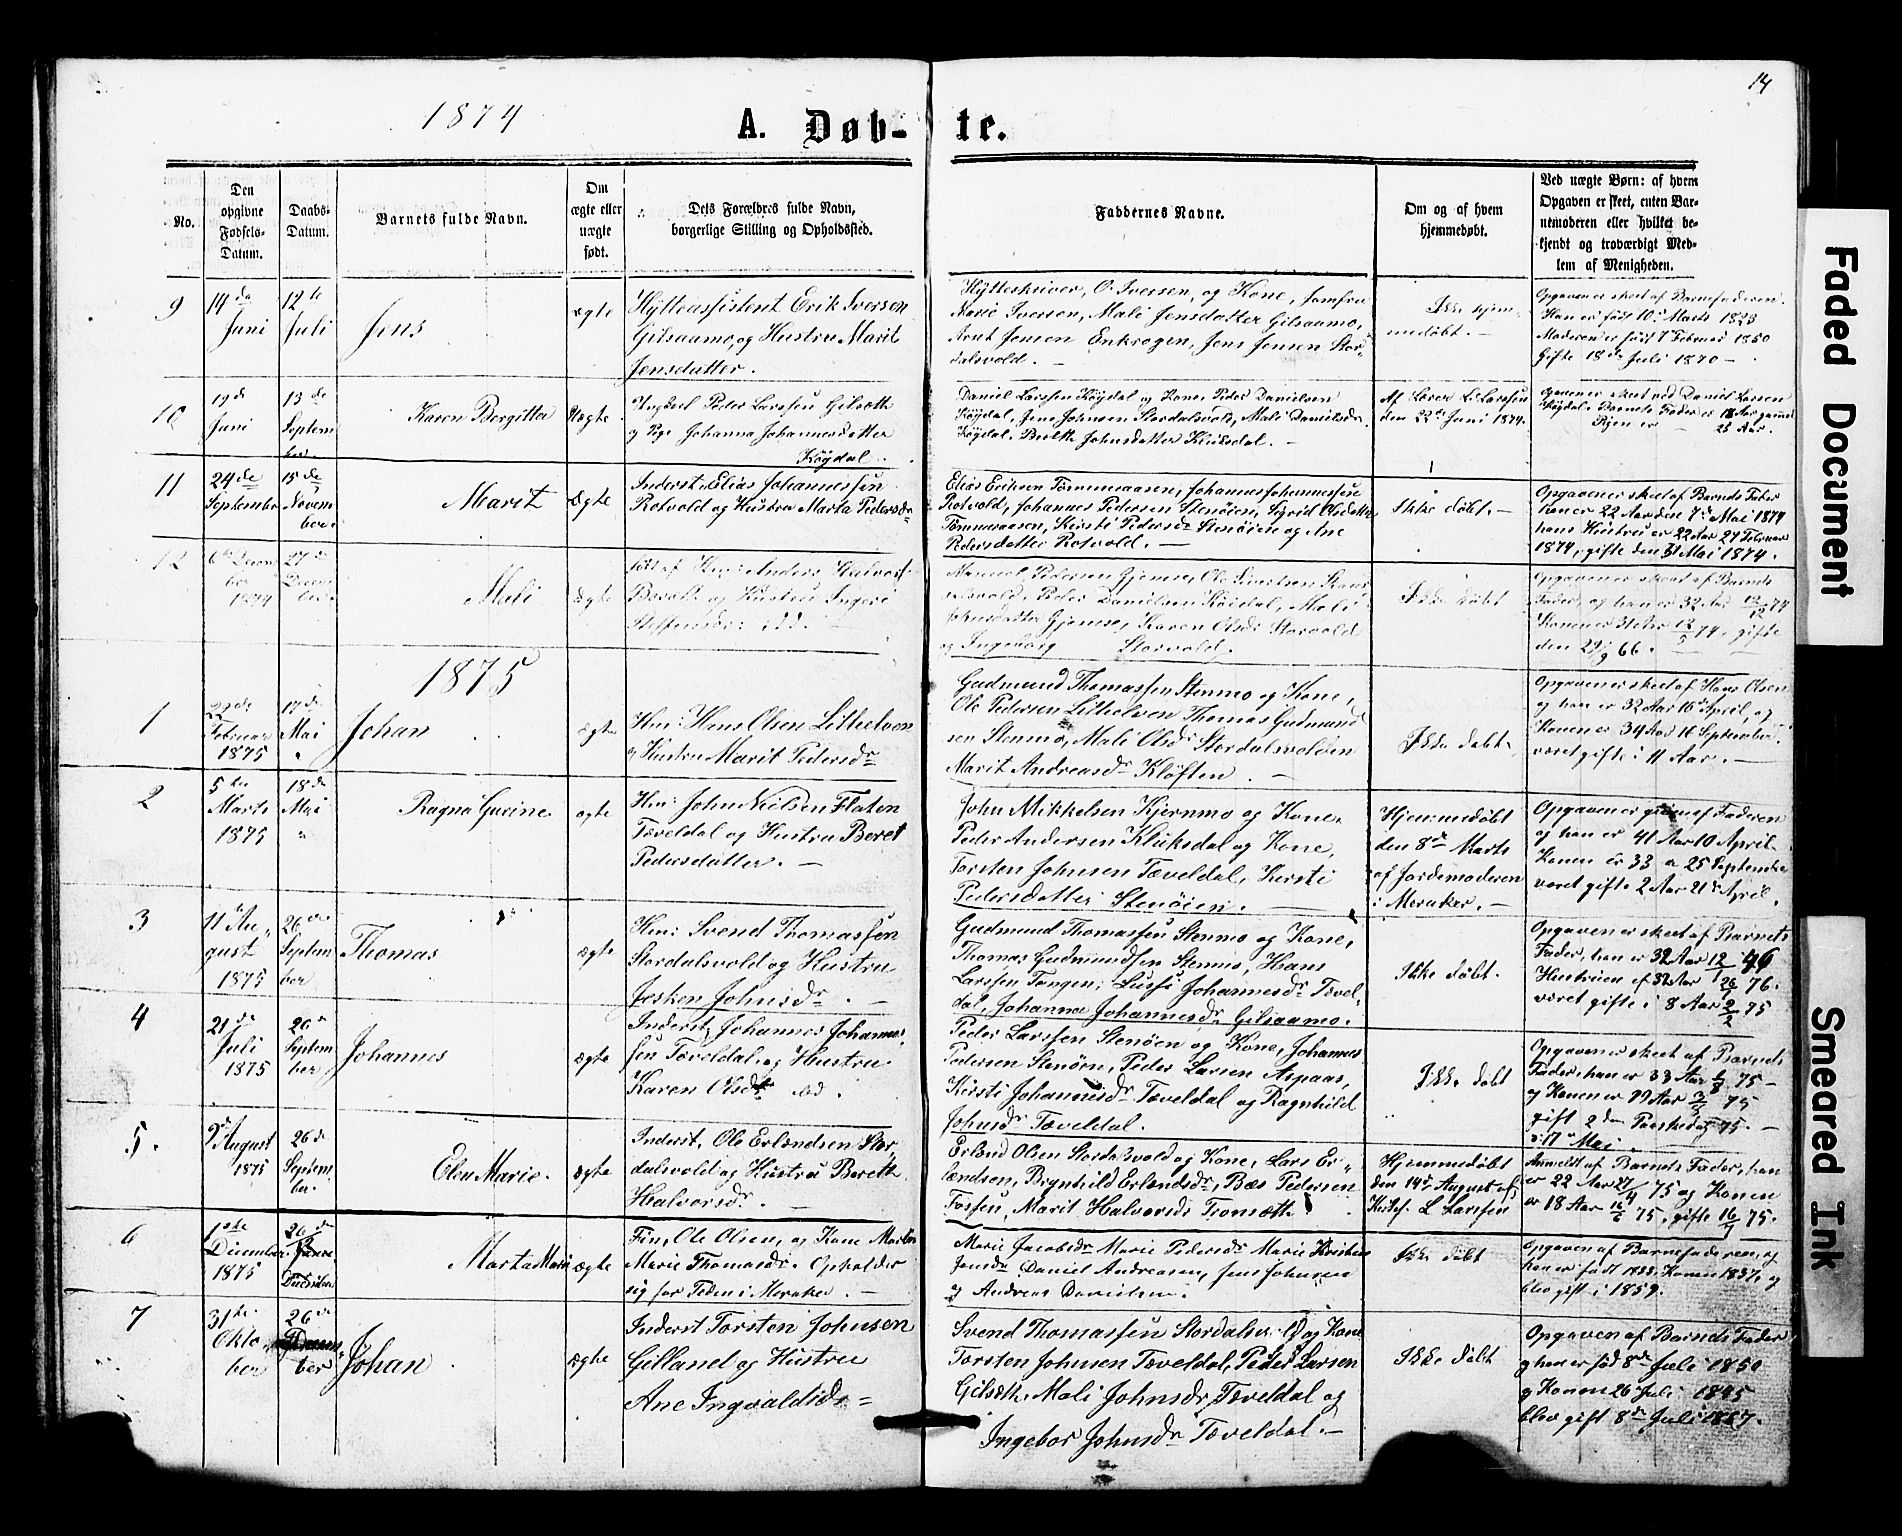 SAT, Ministerialprotokoller, klokkerbøker og fødselsregistre - Nord-Trøndelag, 707/L0052: Klokkerbok nr. 707C01, 1864-1897, s. 14